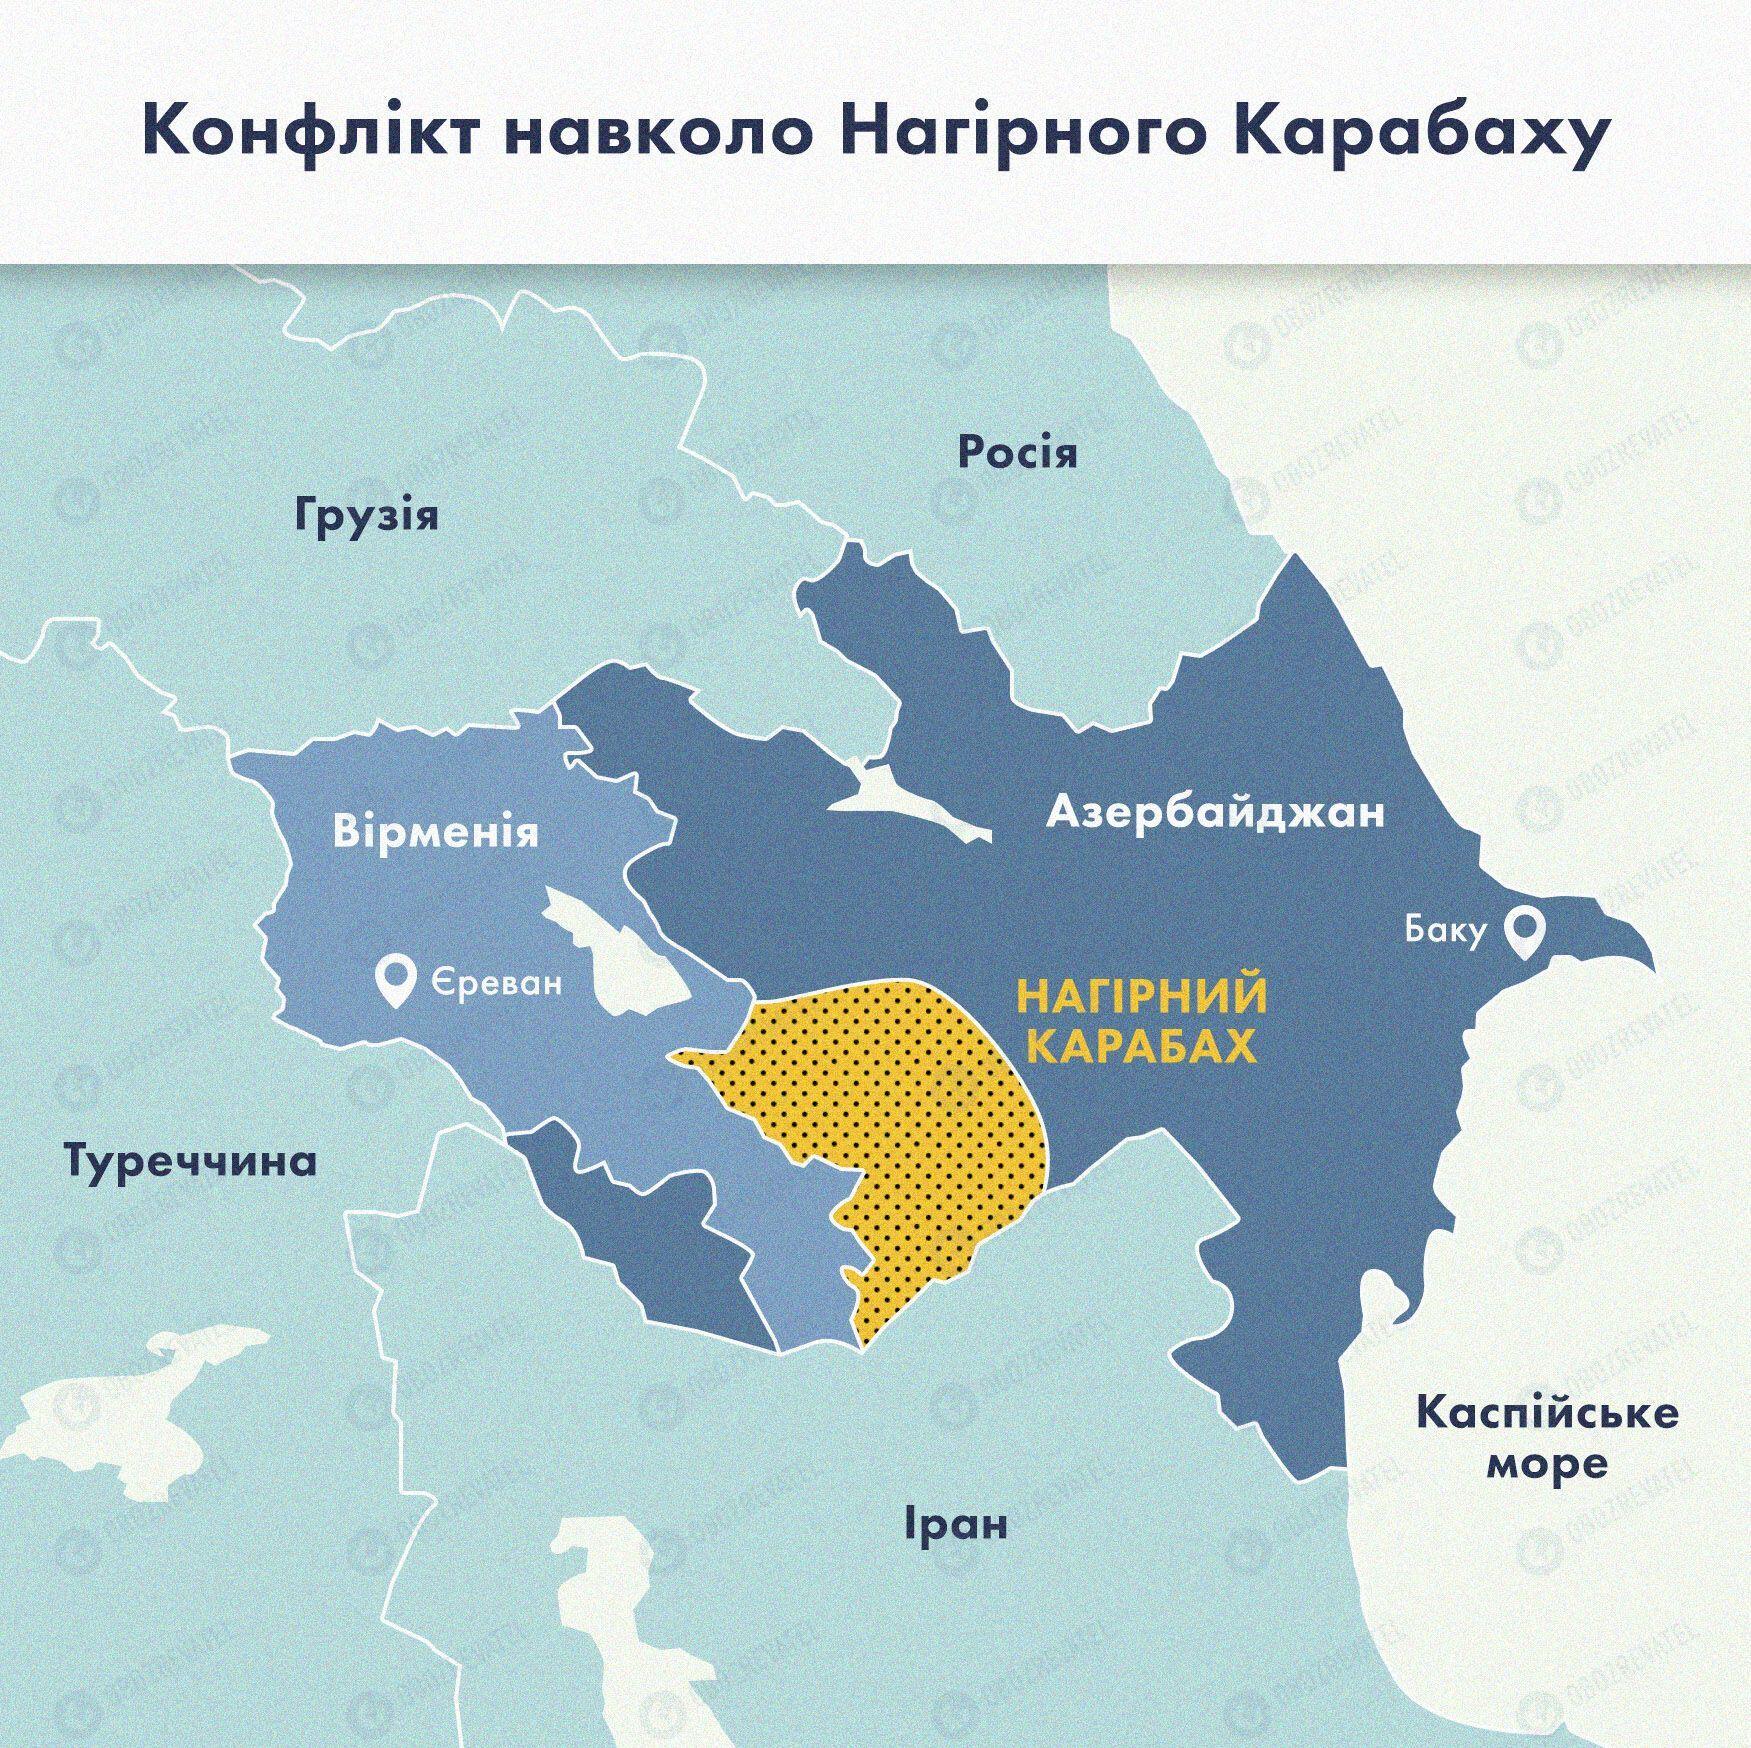 Карта конфликта в Нагорном Карабахе.